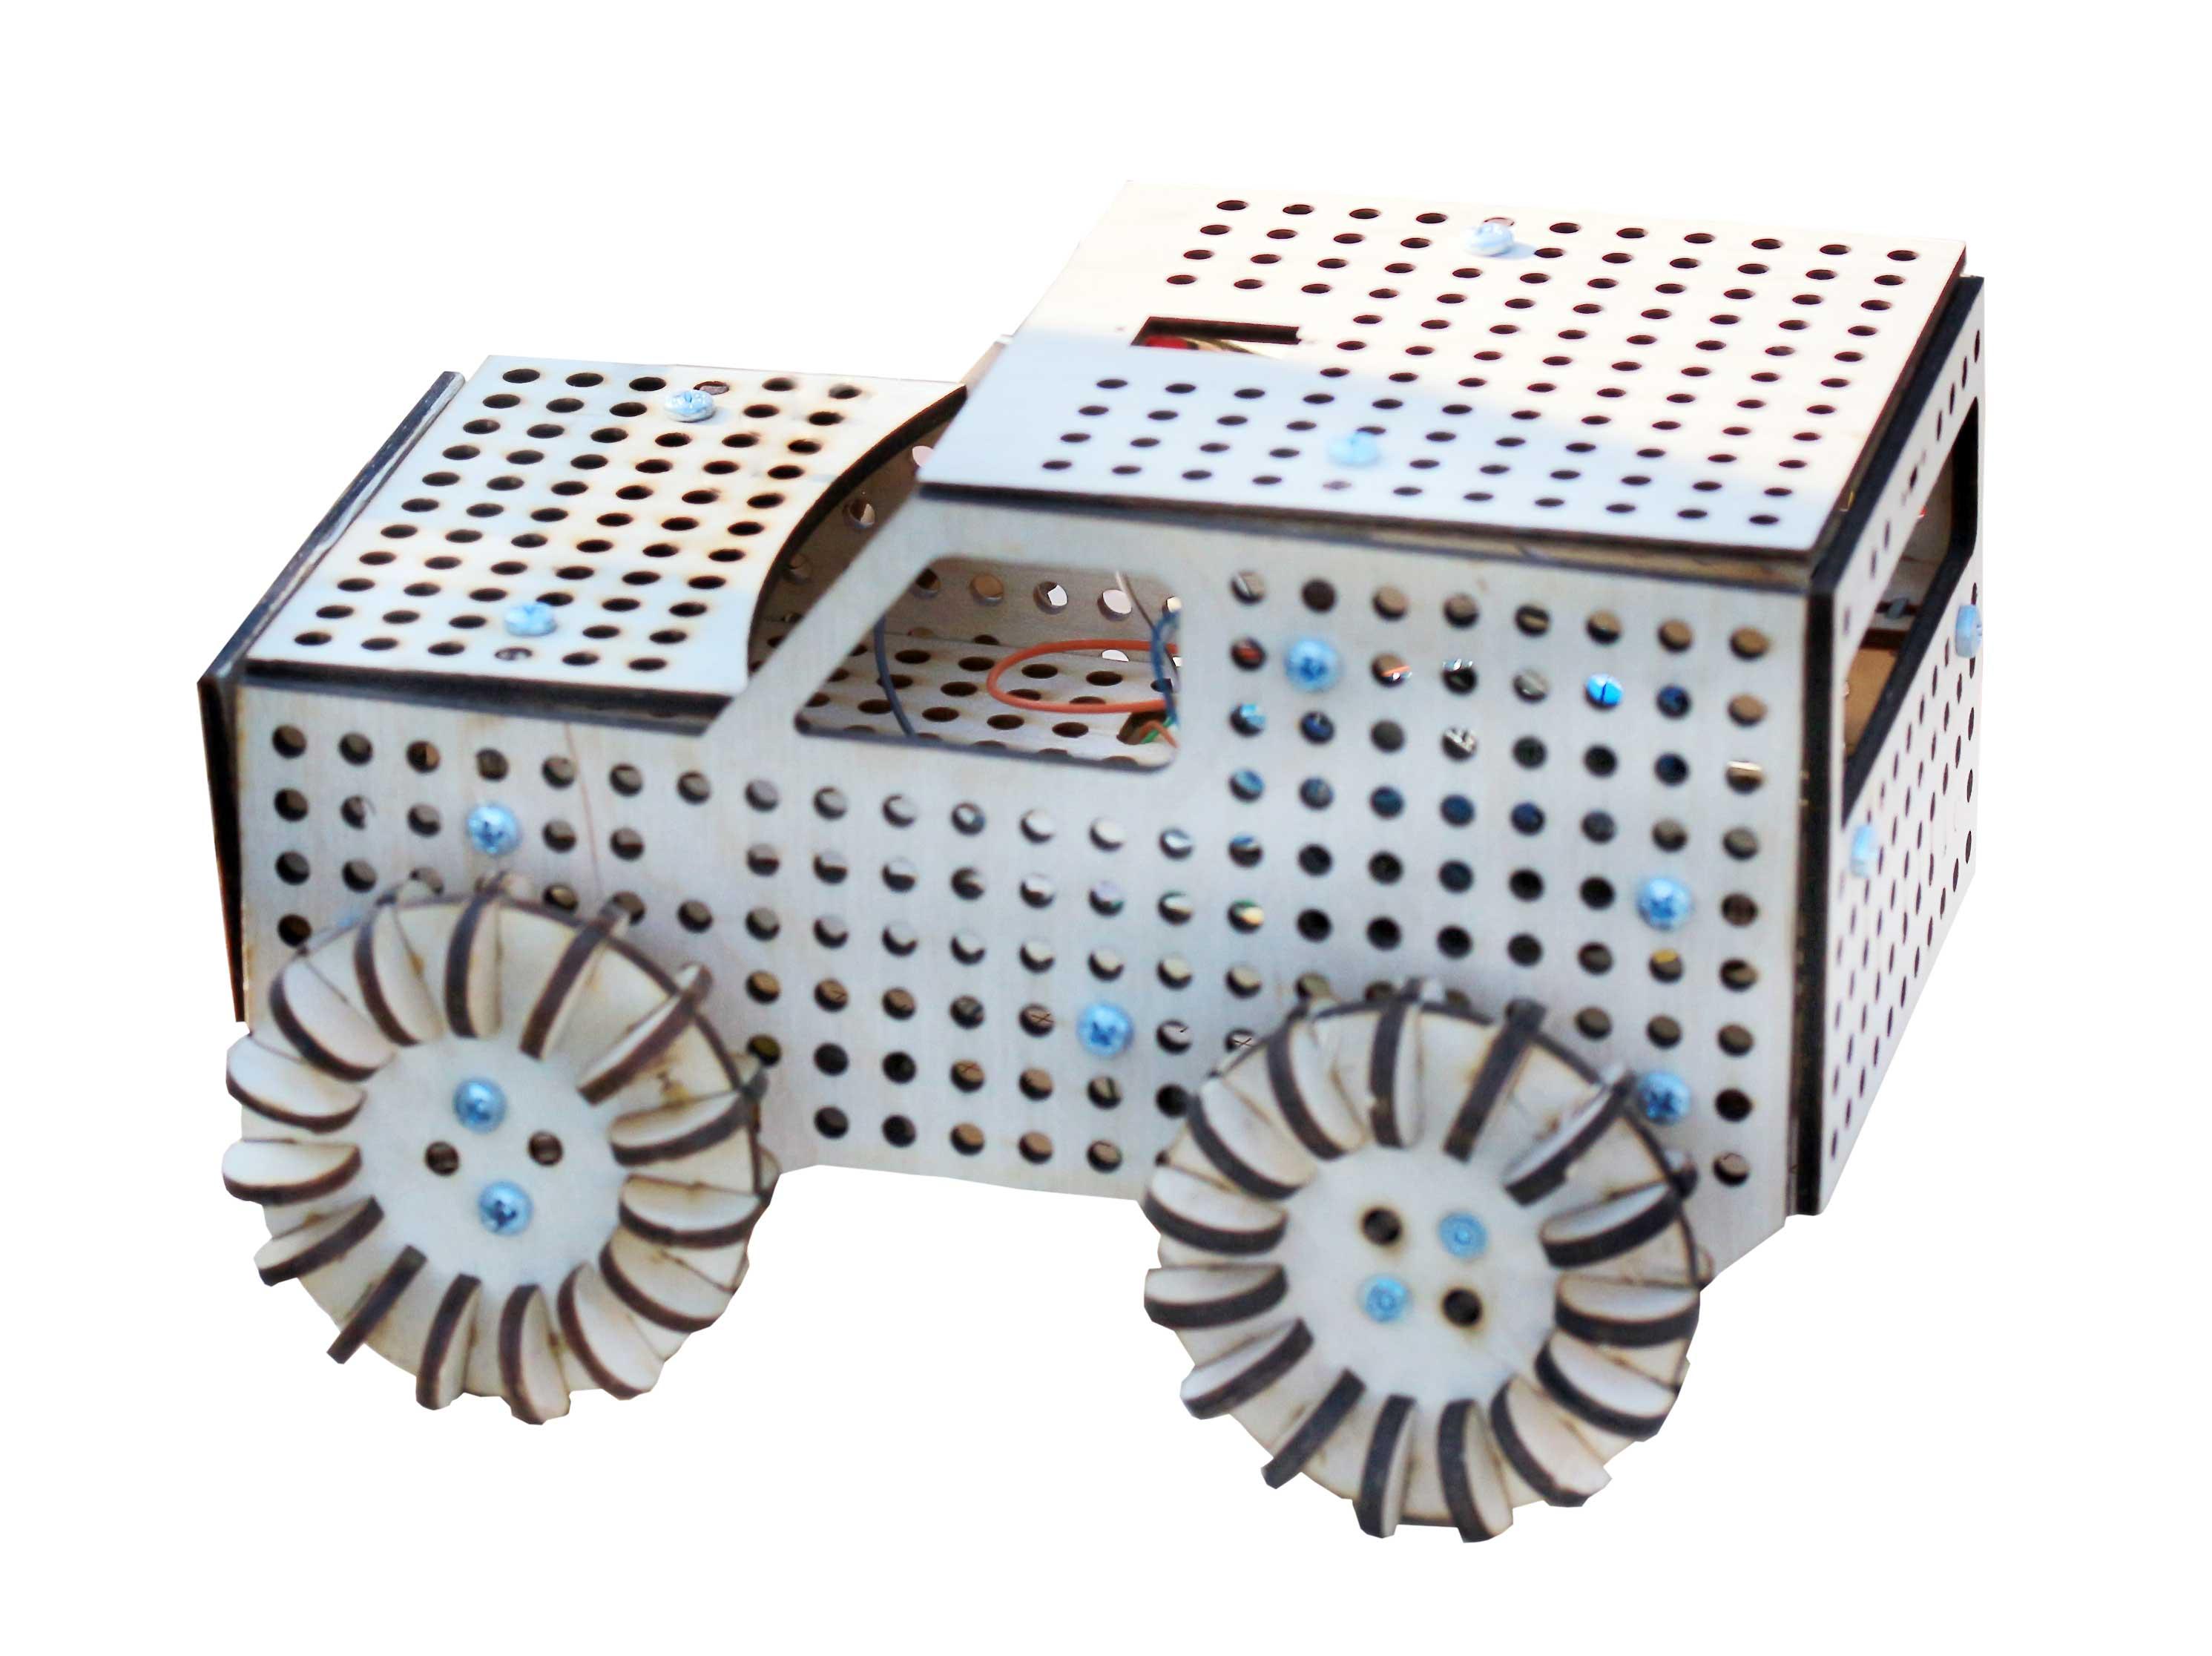 модель машинки под электричеством